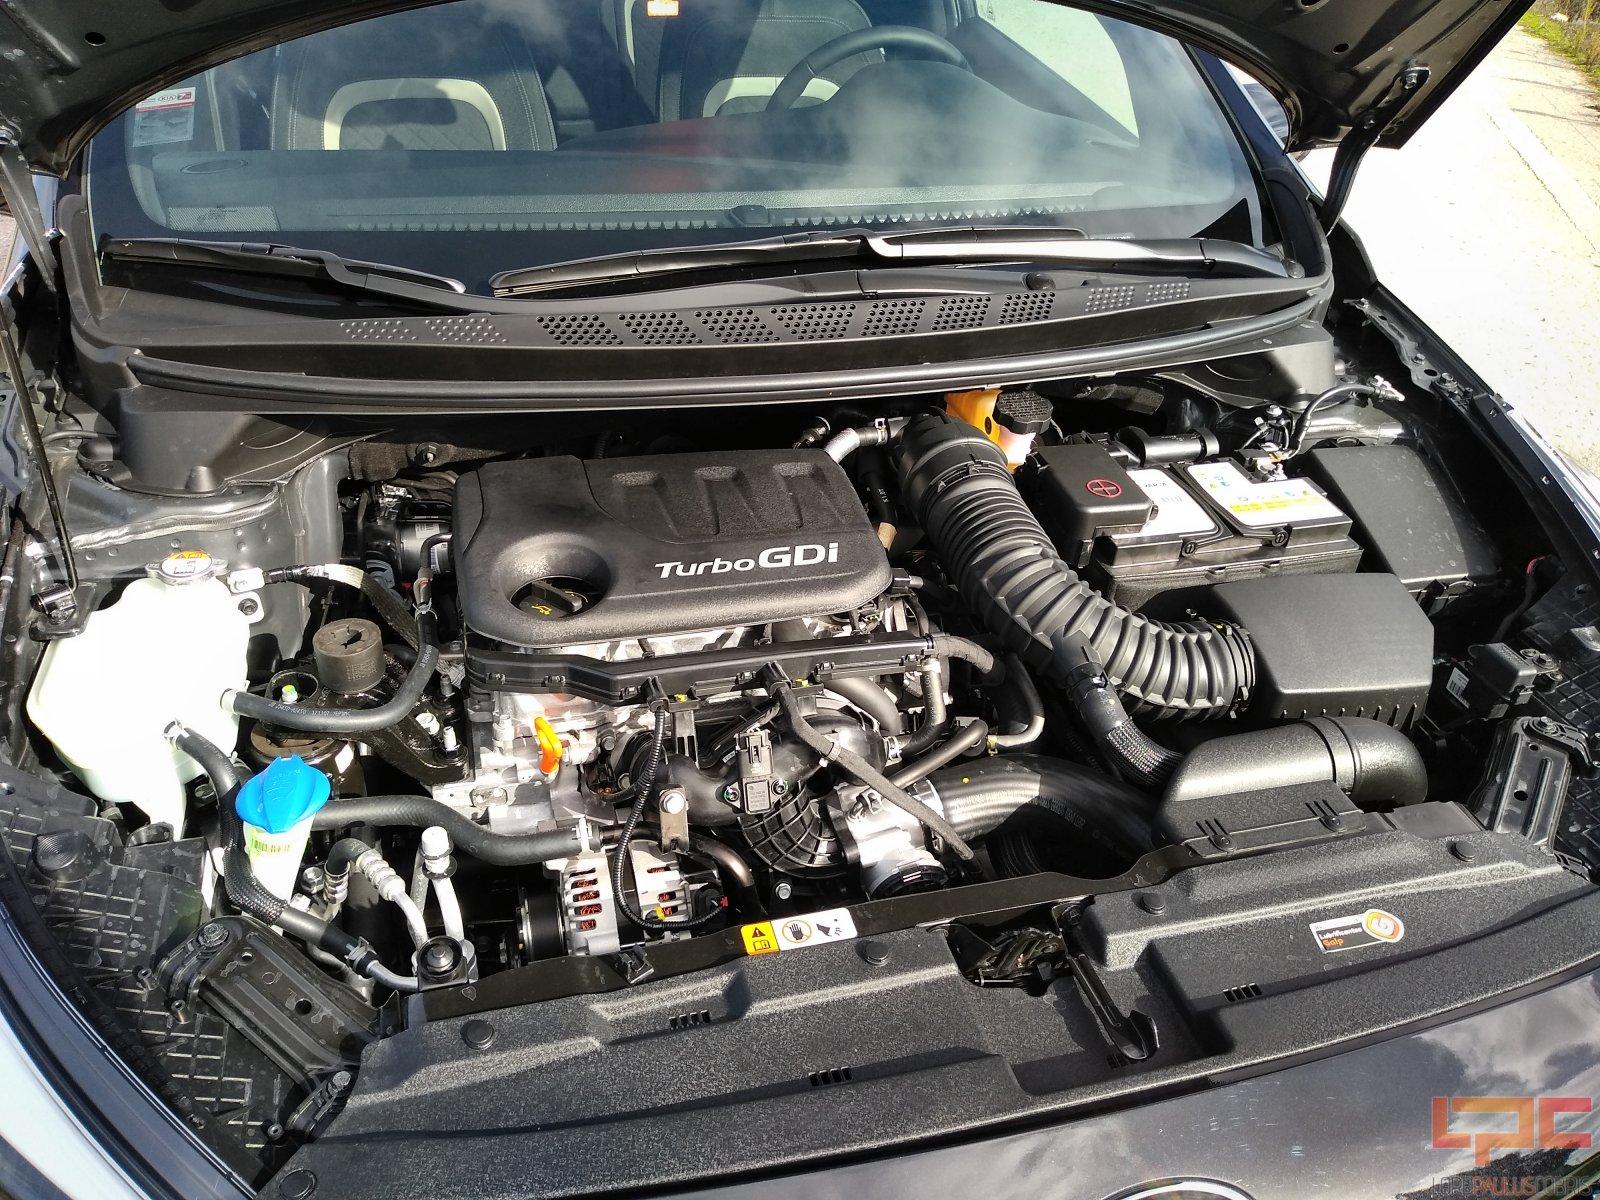 KIA Ceed SW 1.0 Turbo 120CV GDI GT Line 4vWdLM